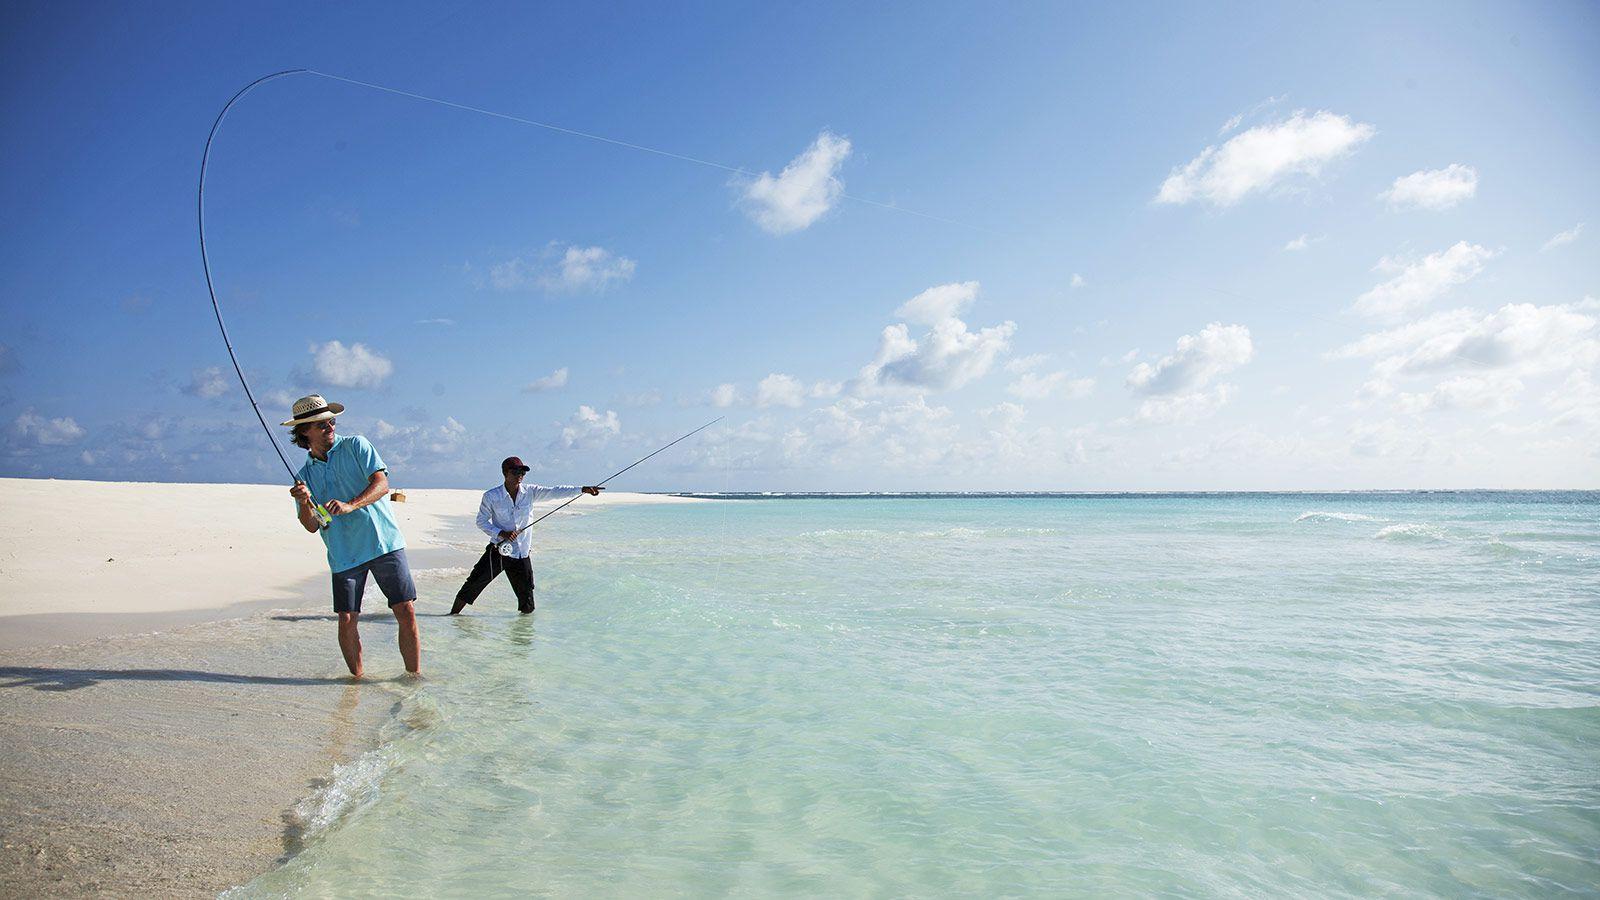 Fishing in Maldives - Maldives Fishing - Big Game Fishing ...